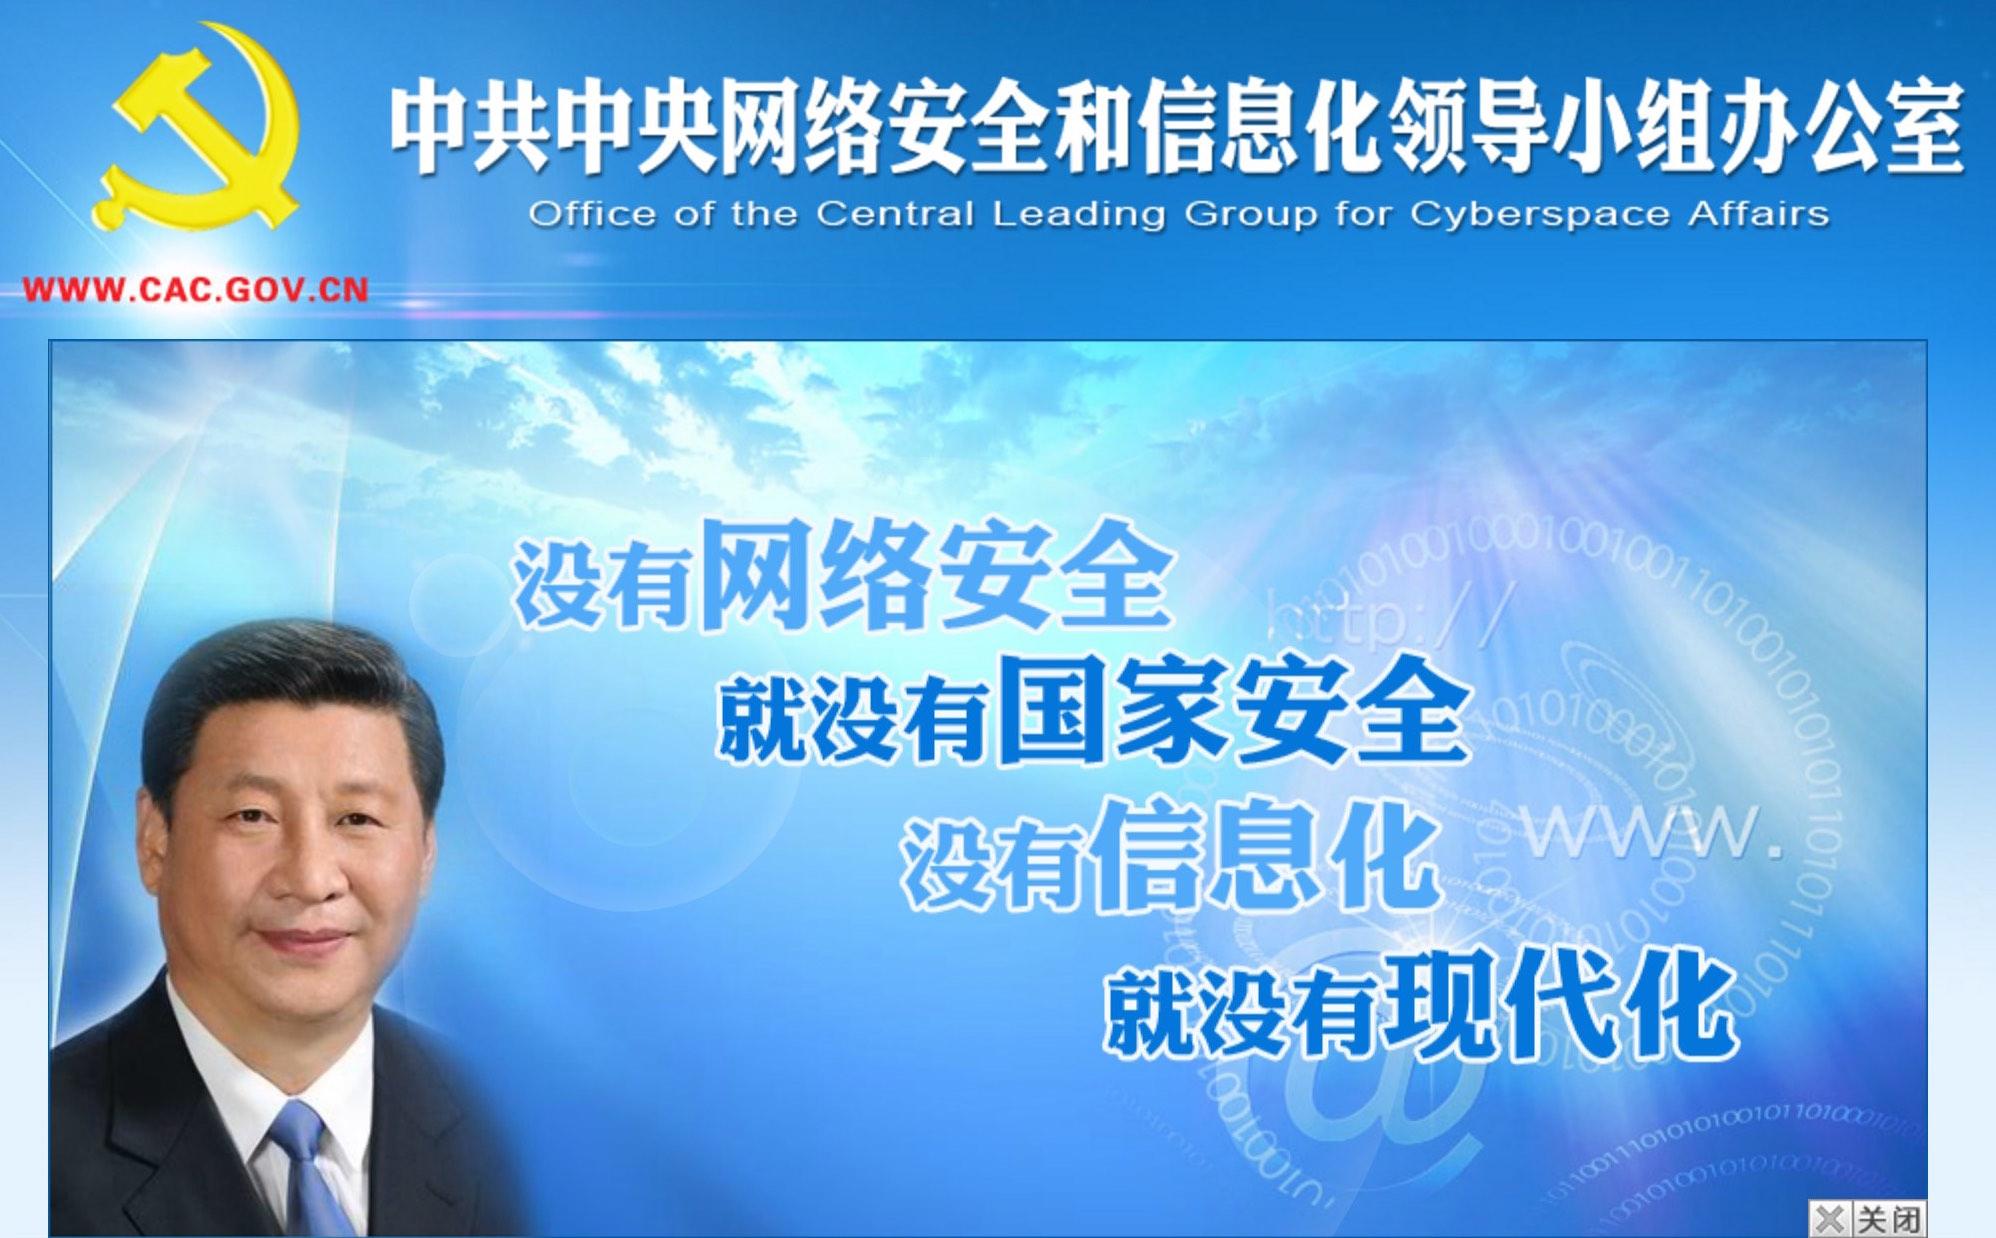 网信上海 | 重拳出击 起点中文网部分栏目暂停更新